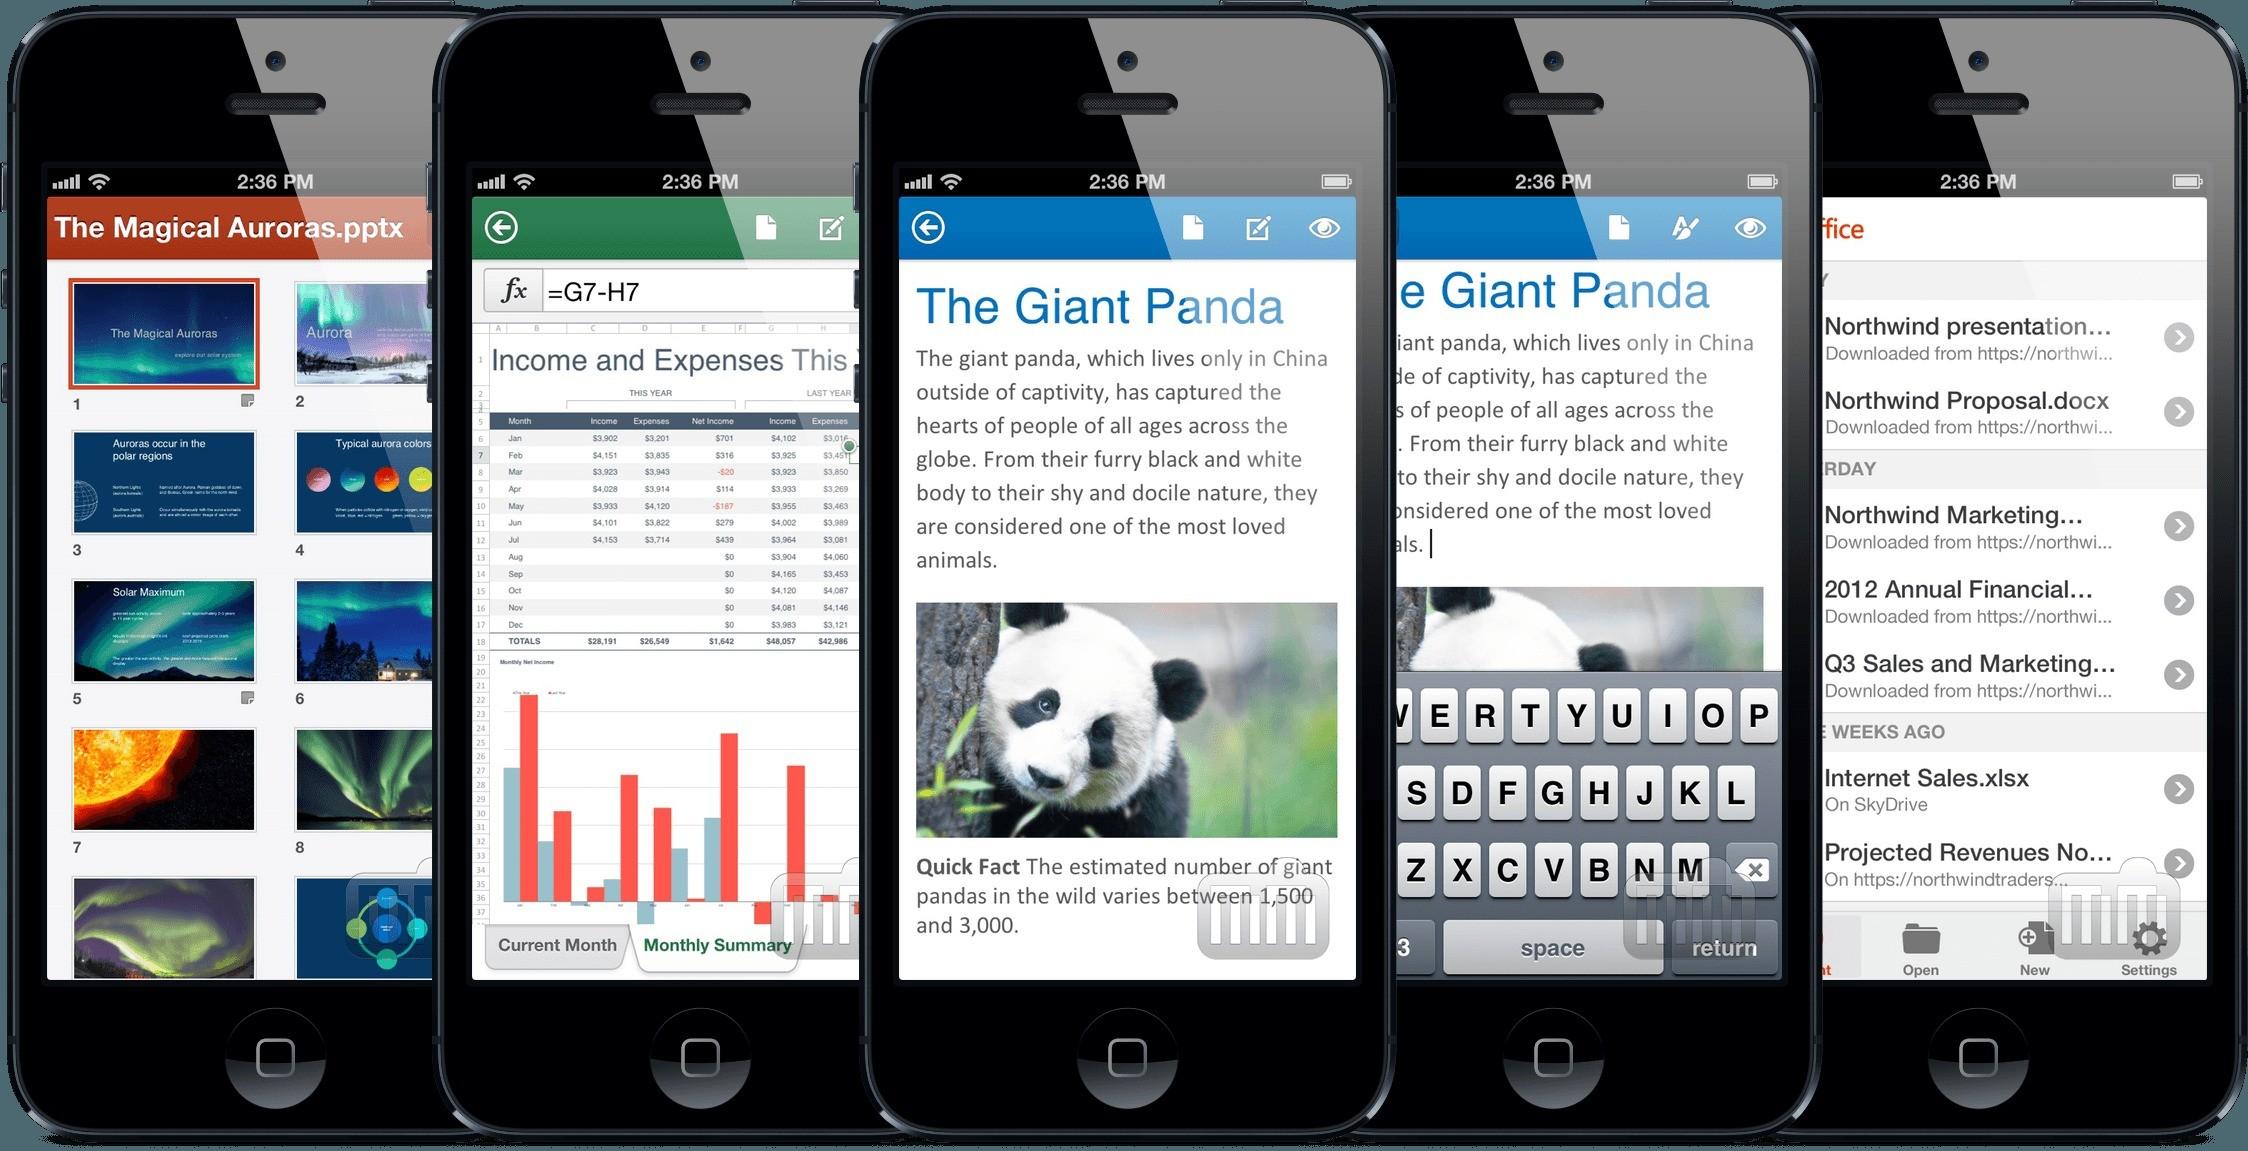 I nuovi aggiornamenti Office Mobile alle app Word, Excel e PowerPoint